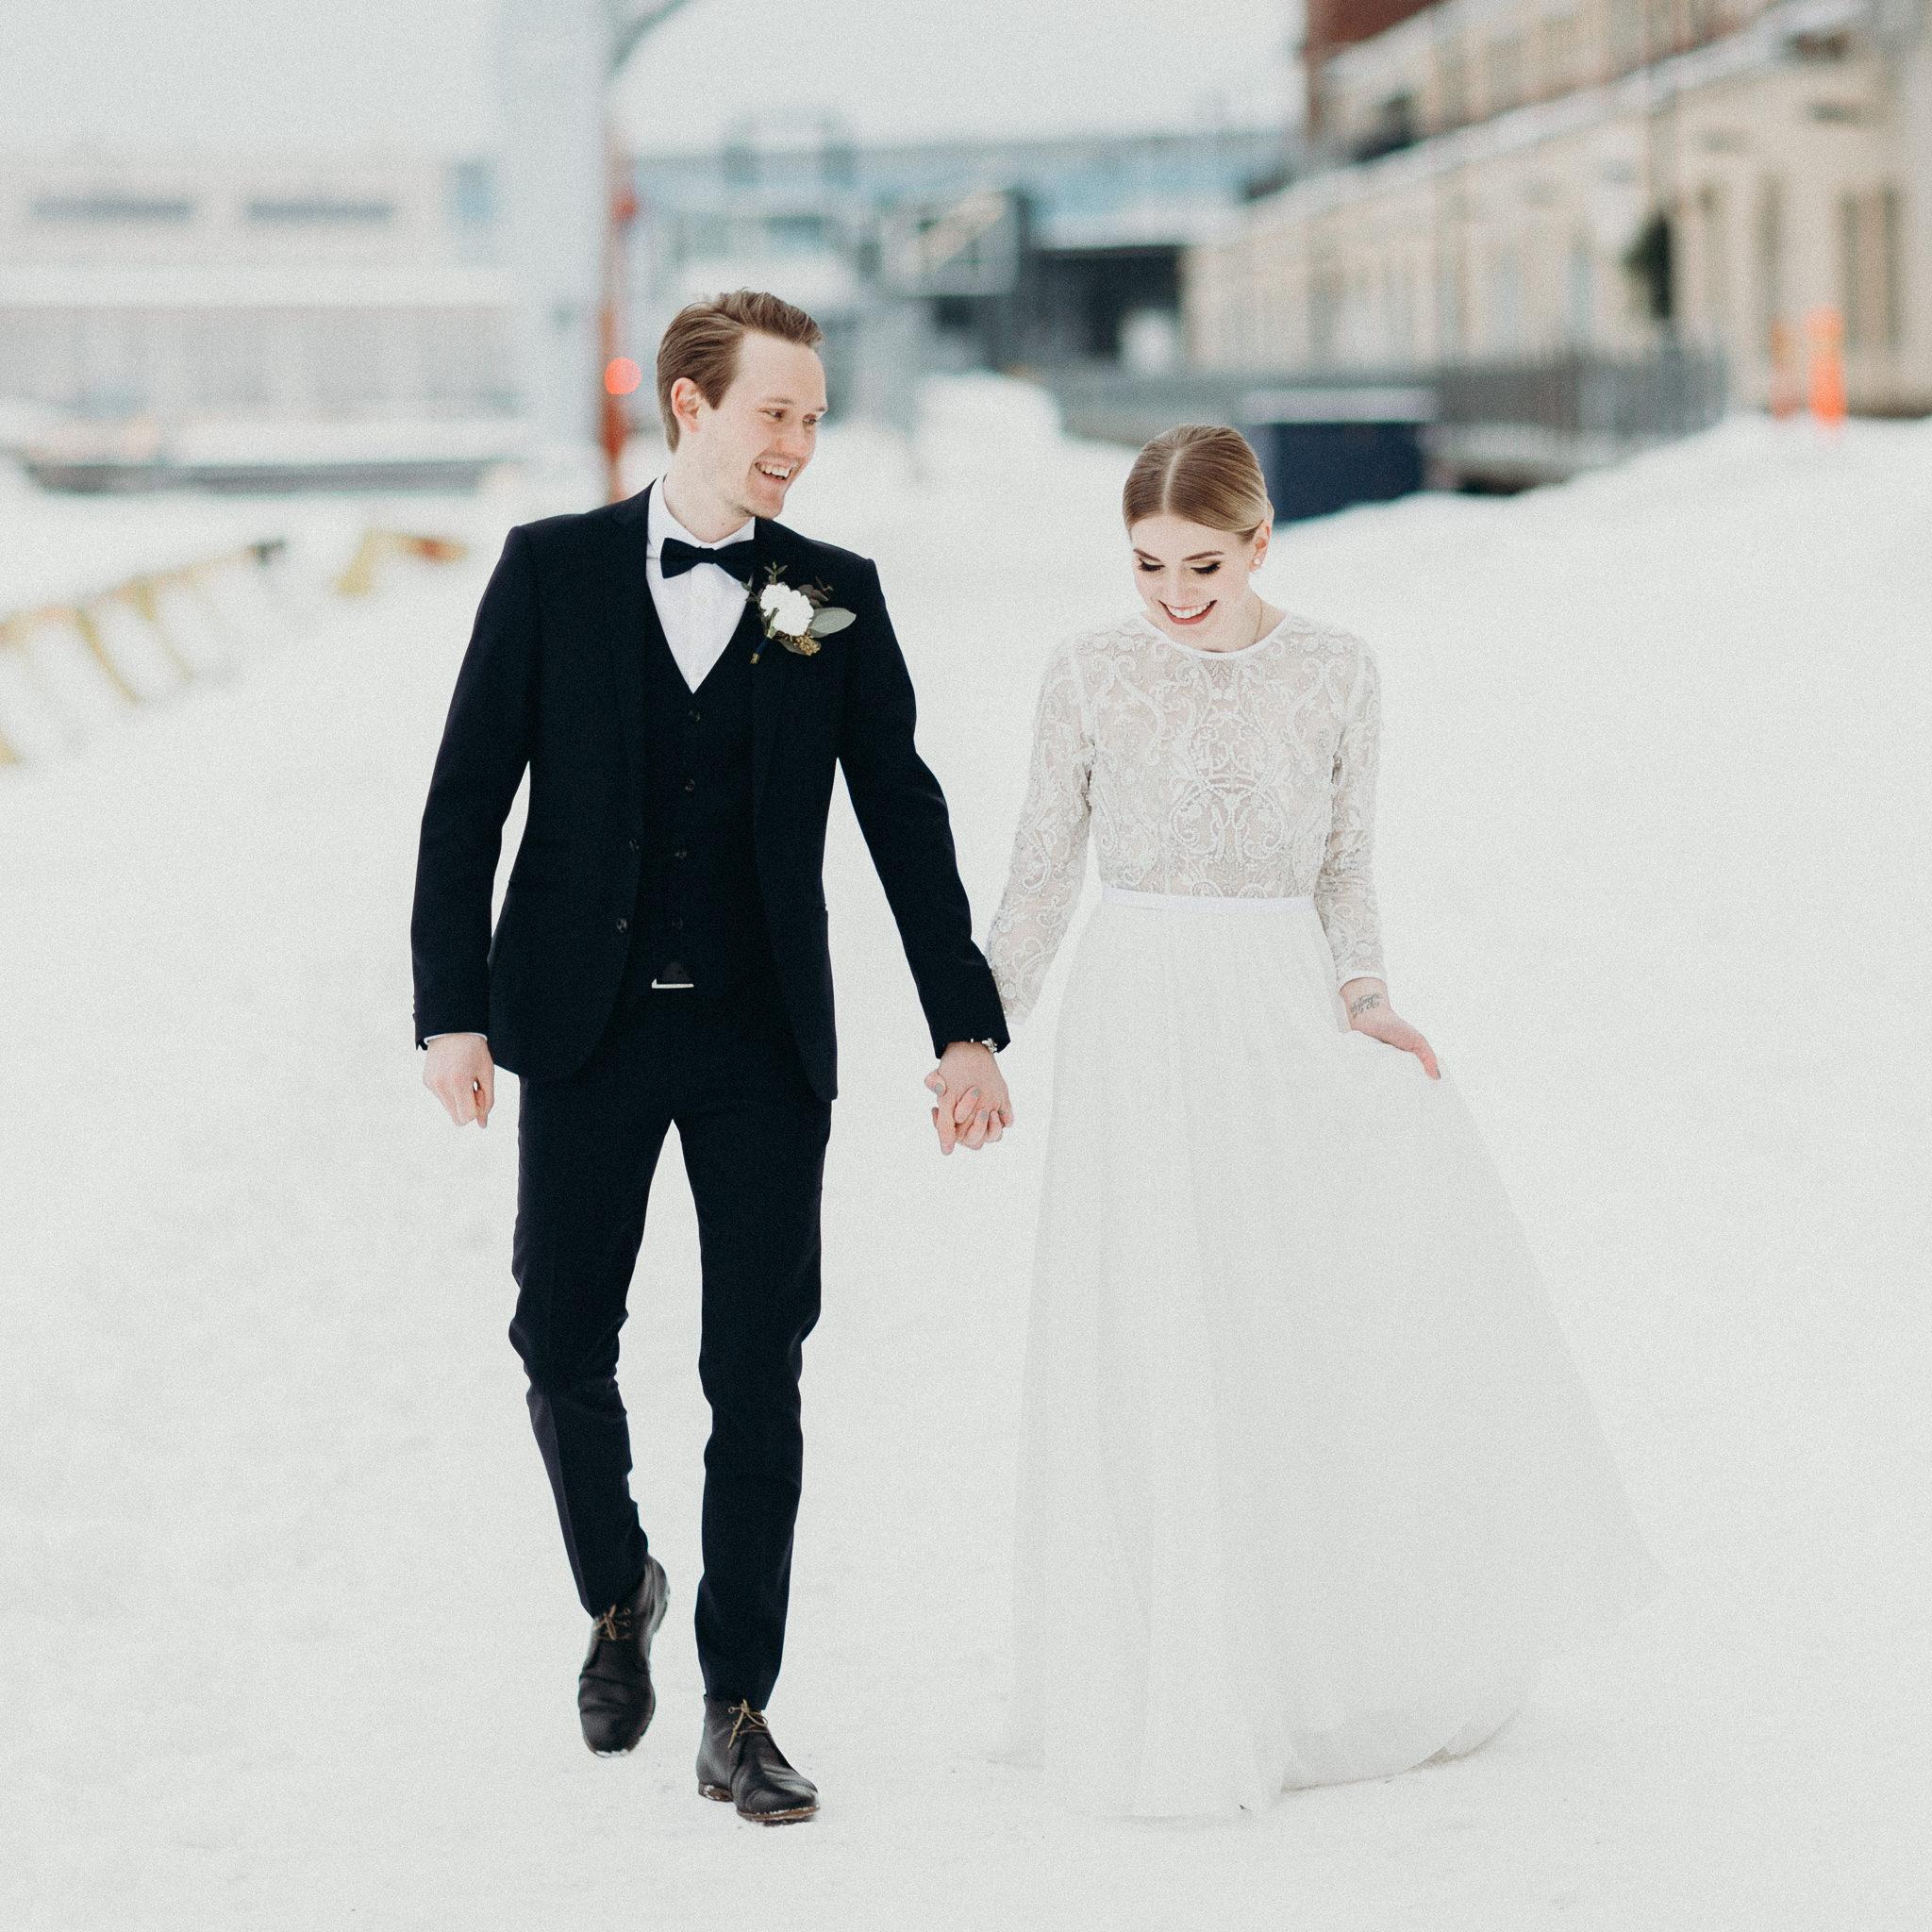 Photo:  Tuomas Mikkonen